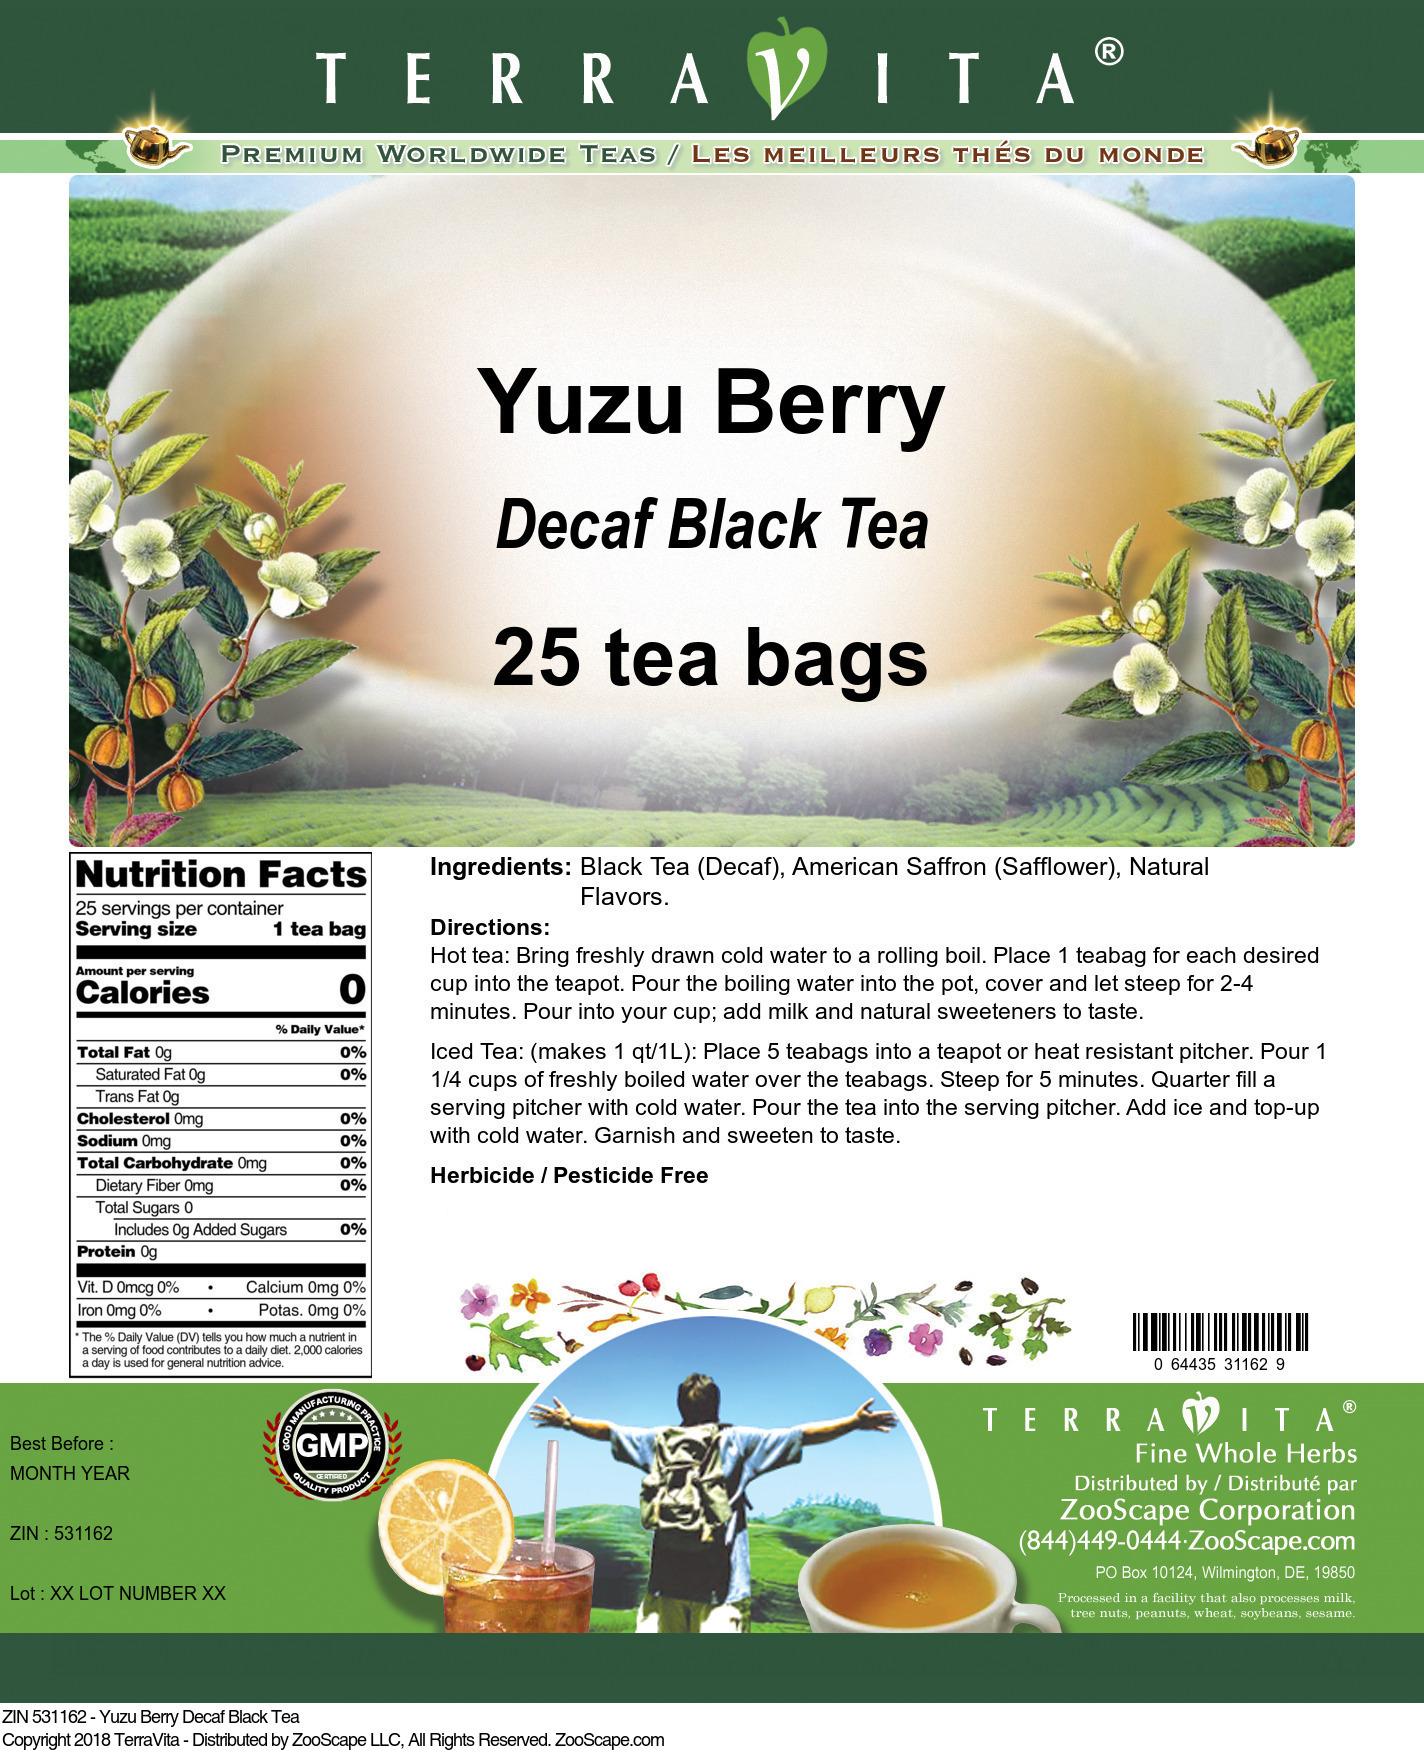 Yuzu Berry Decaf Black Tea